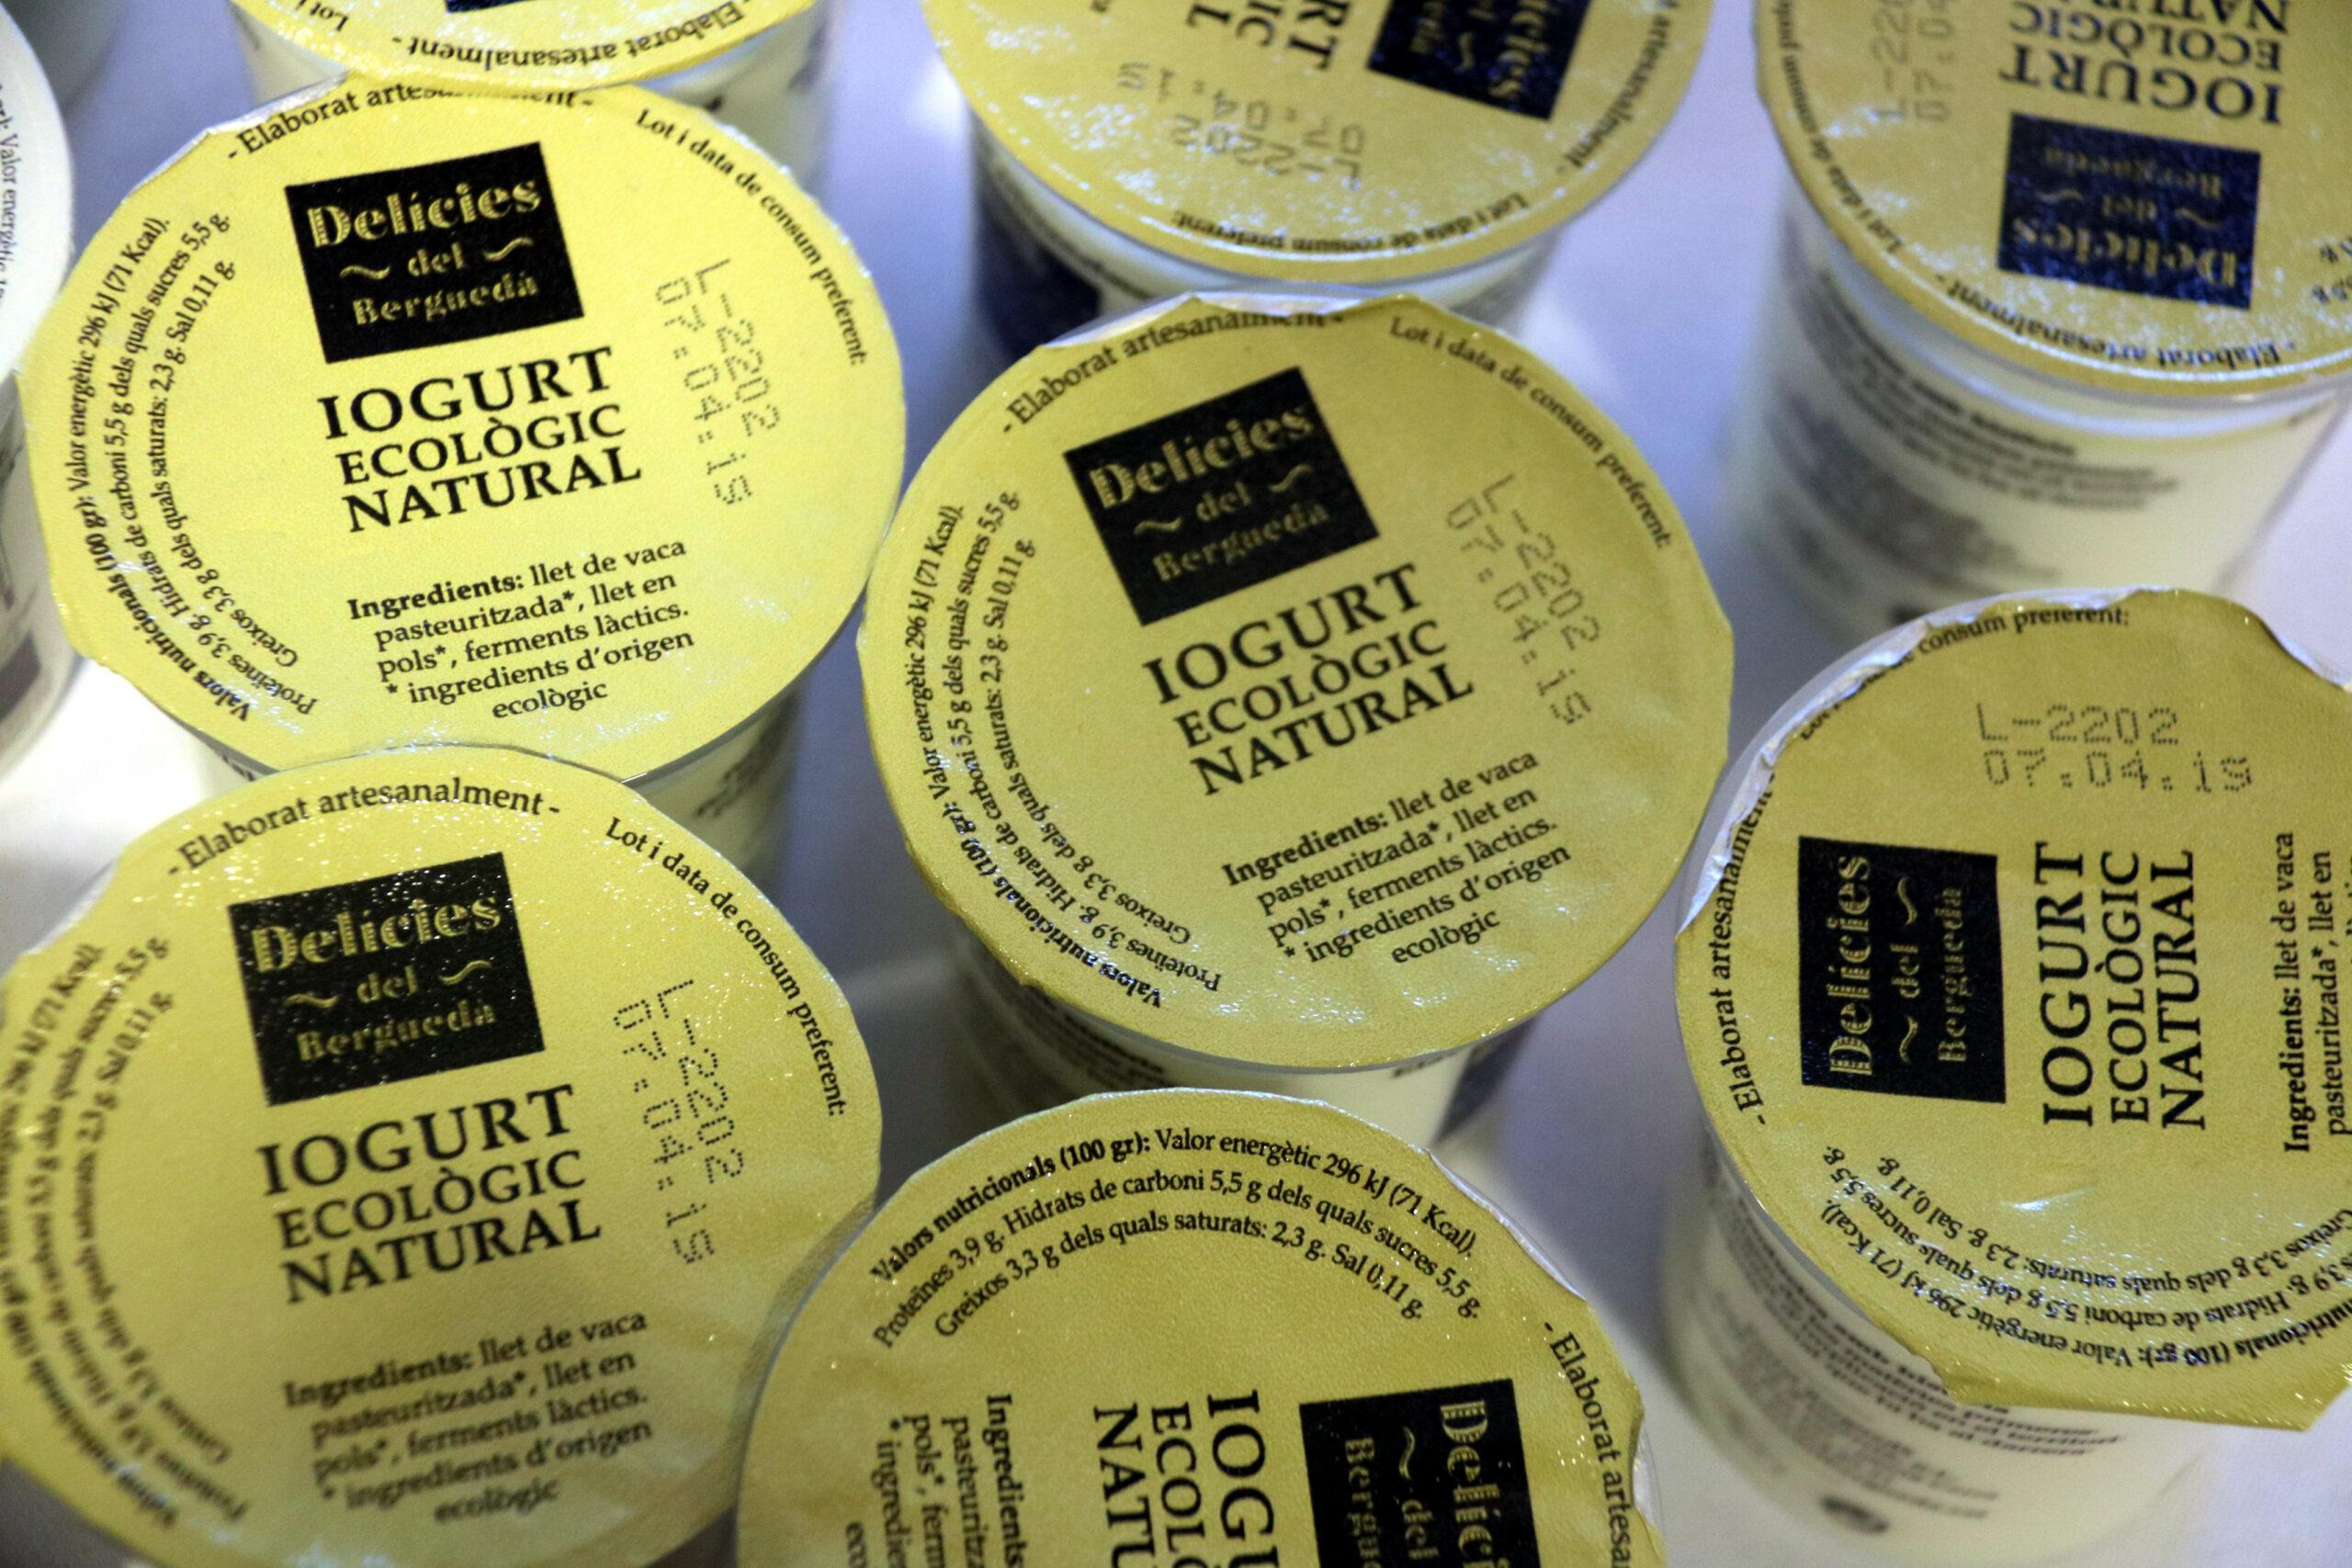 Les tapes de diversos iogurts ecològics fets al Berguedà | ACN